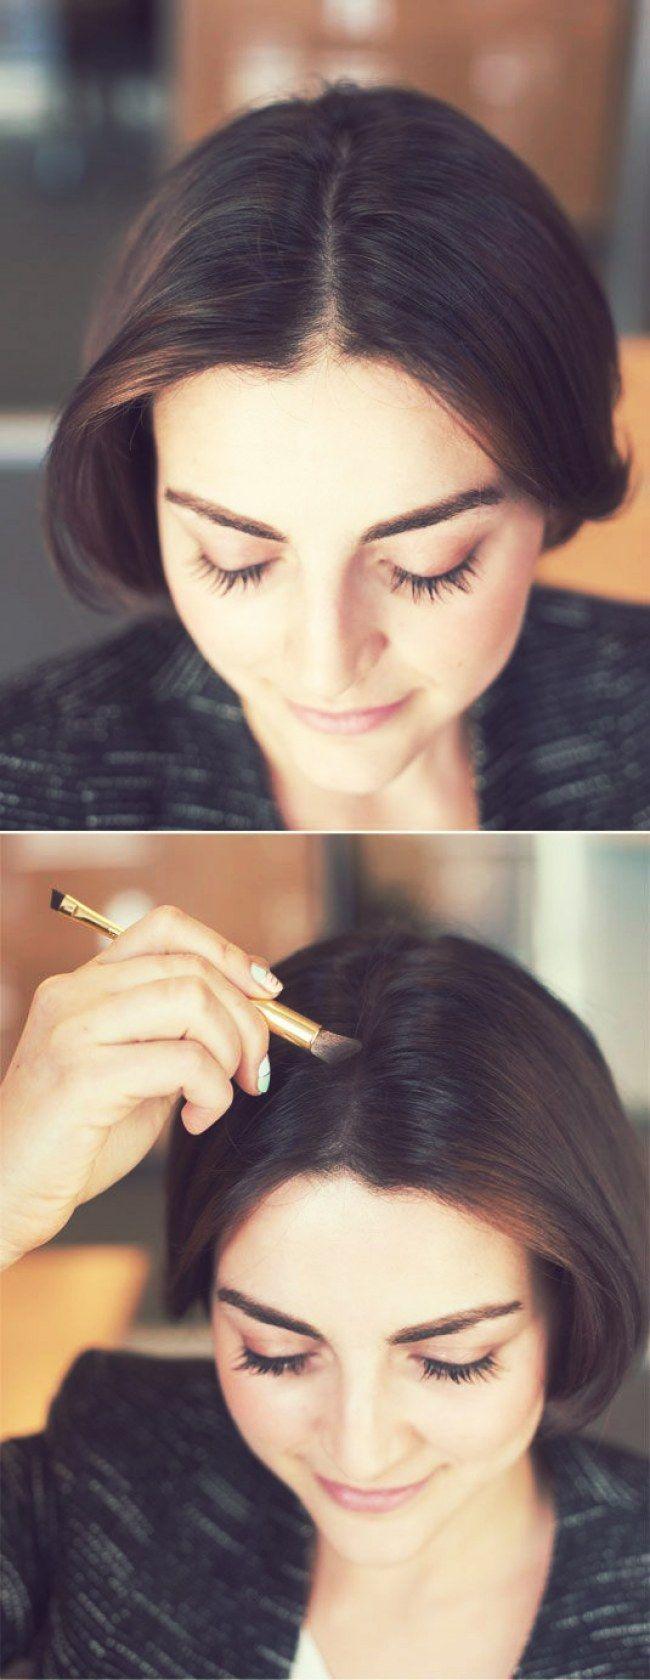 14 Truques de beleza para a hora de se arrumar em casa: Se você tiver cabelo castanho/escuro, e quiser disfarçar um pouco o braço da raiz aparente, experimente passar uma sombra que se assemelhe ao tom do seu cabelo nela.